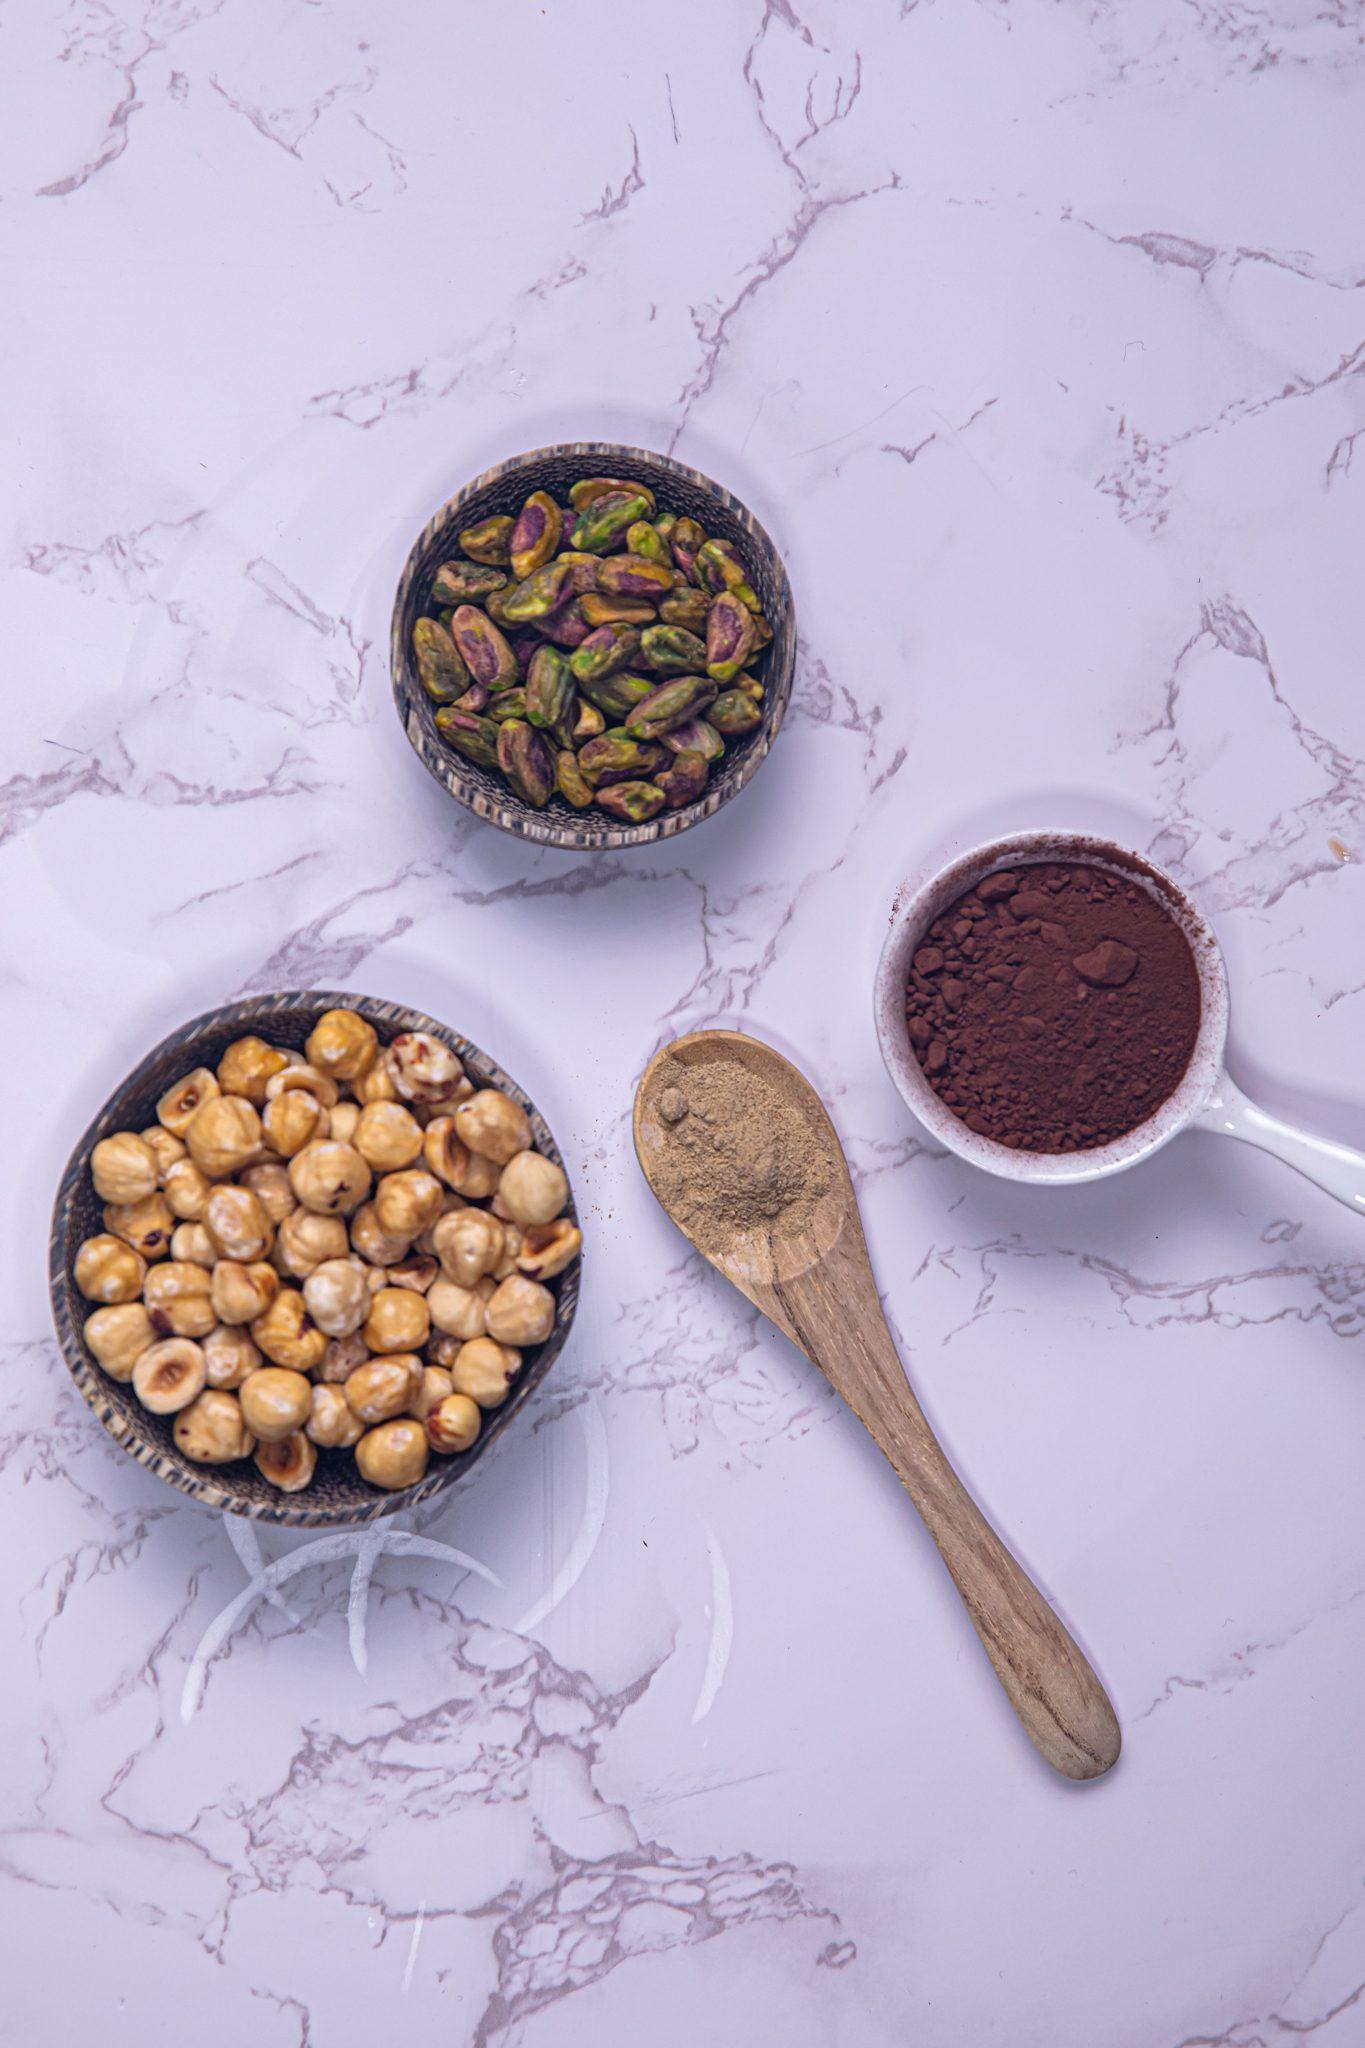 healthy nutella ingredients